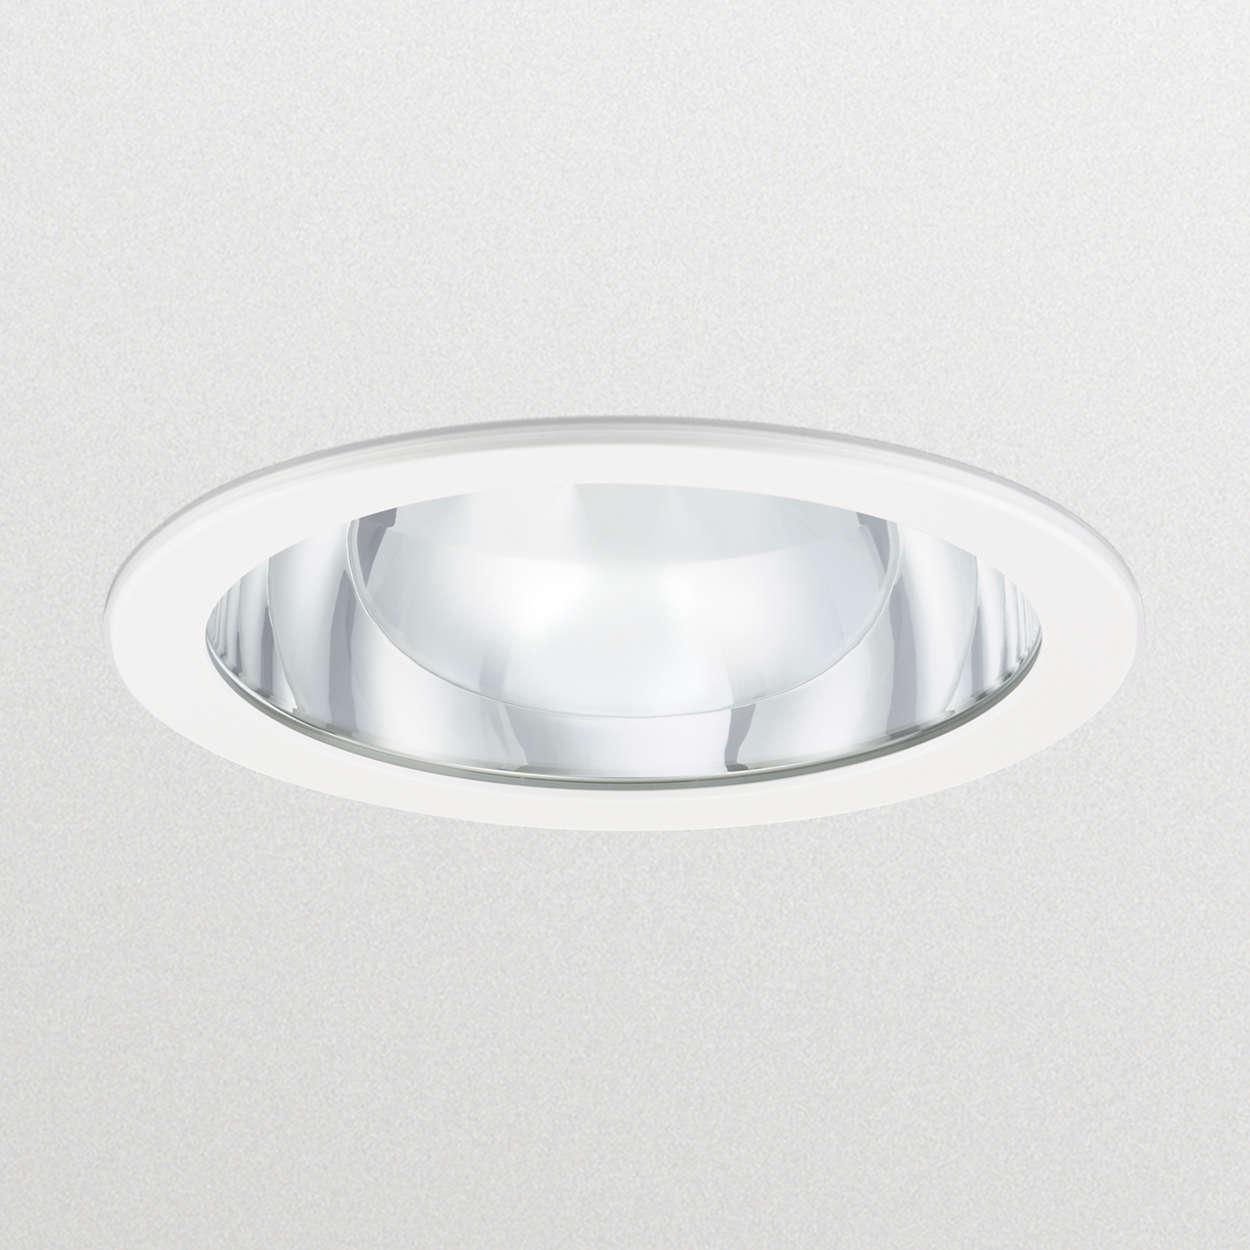 GreenSpace – yüksek verimlilik sunan dayanıklı LED çözümü